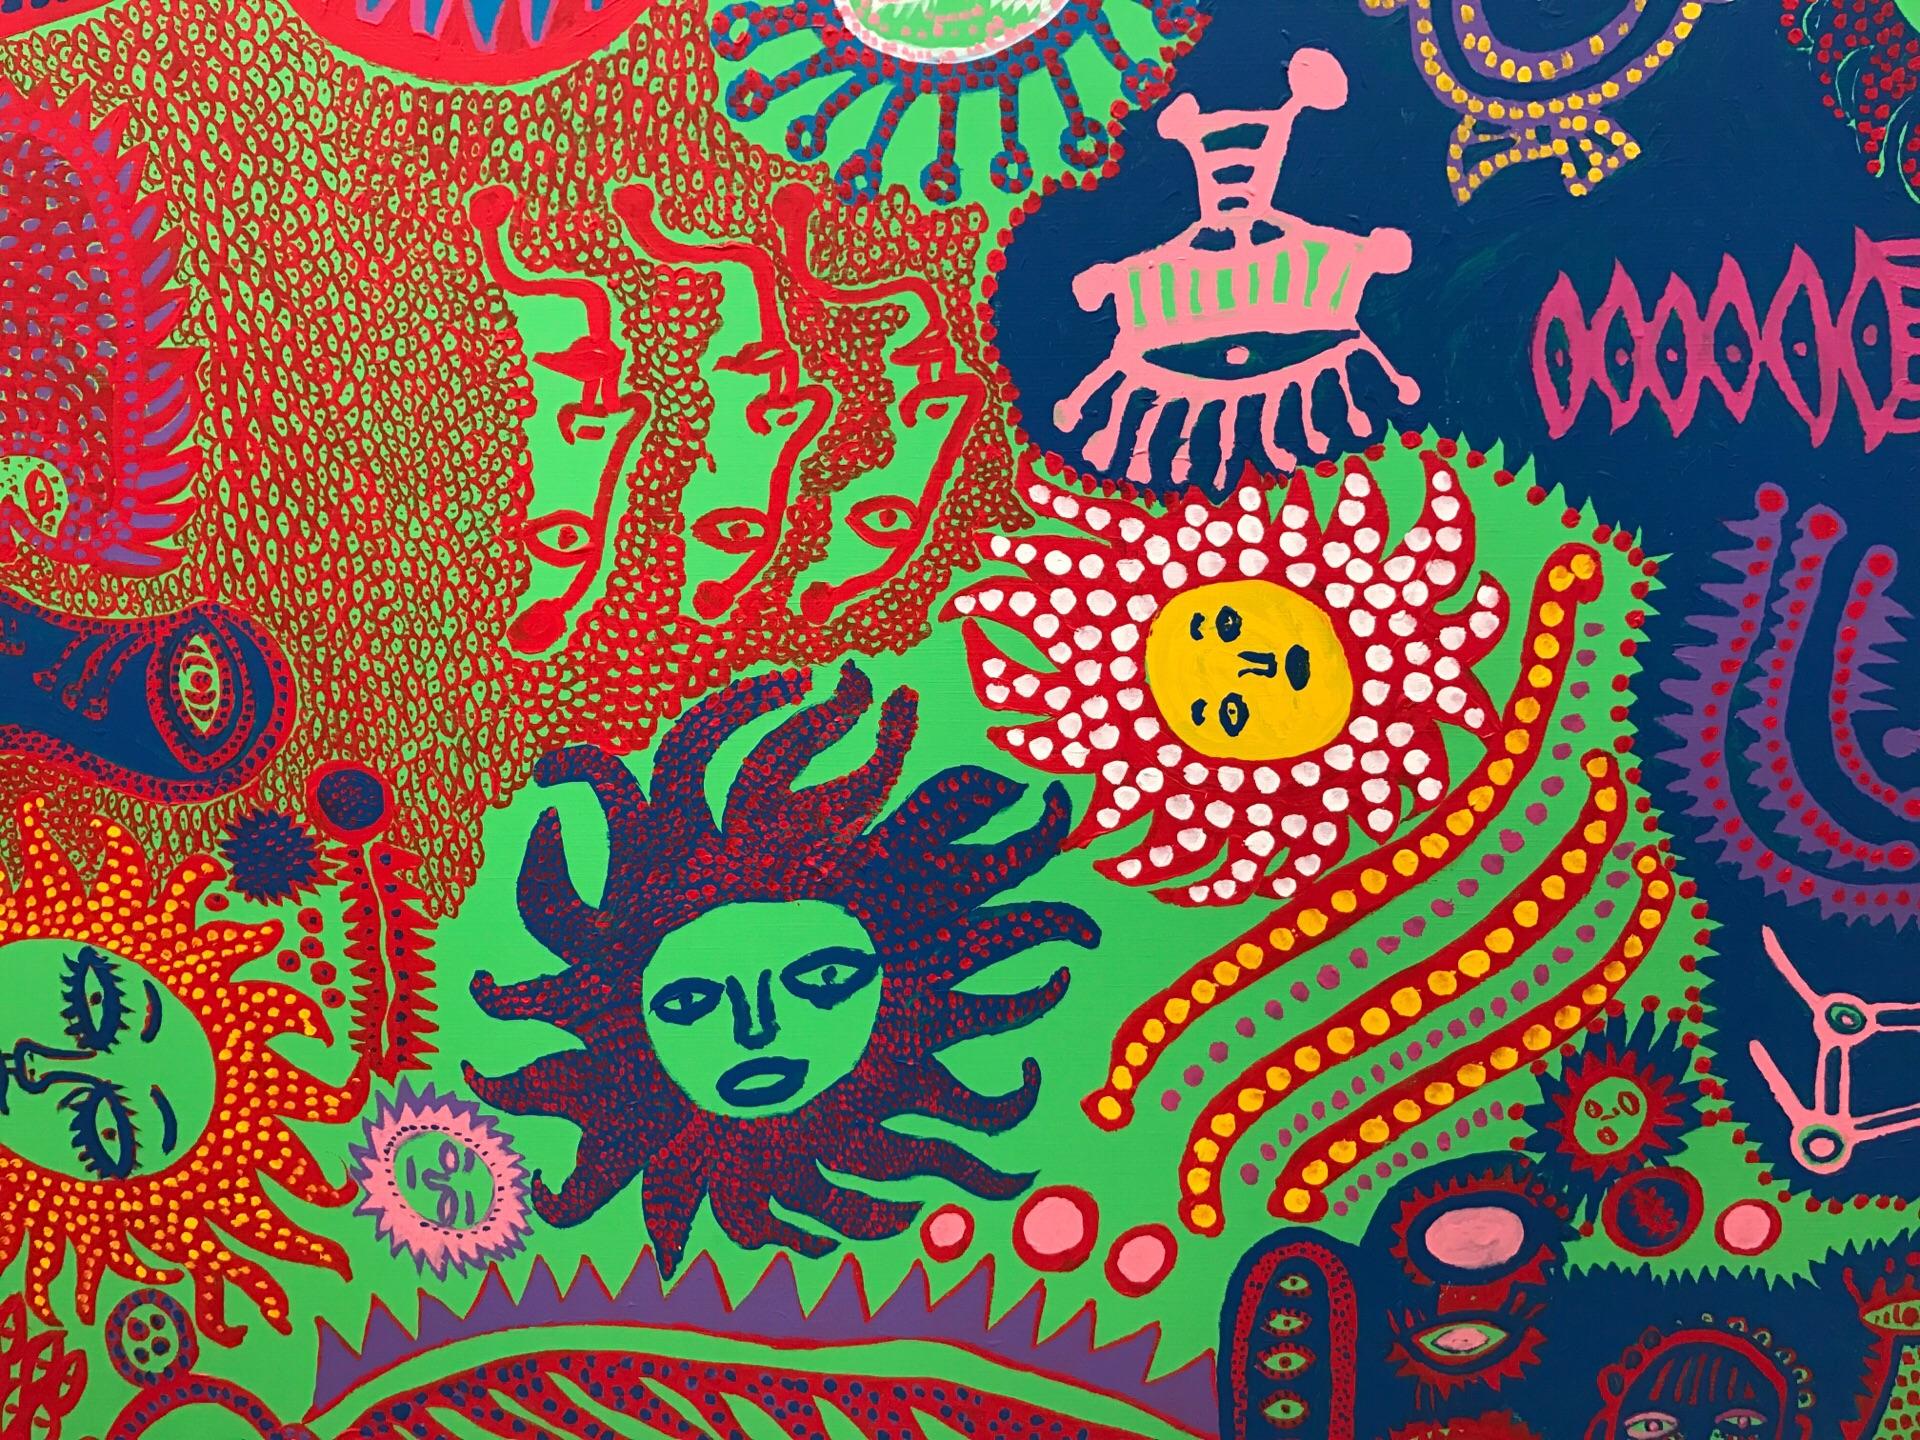 この絵画は草間彌生の見えざる内面を表現している絵画です。